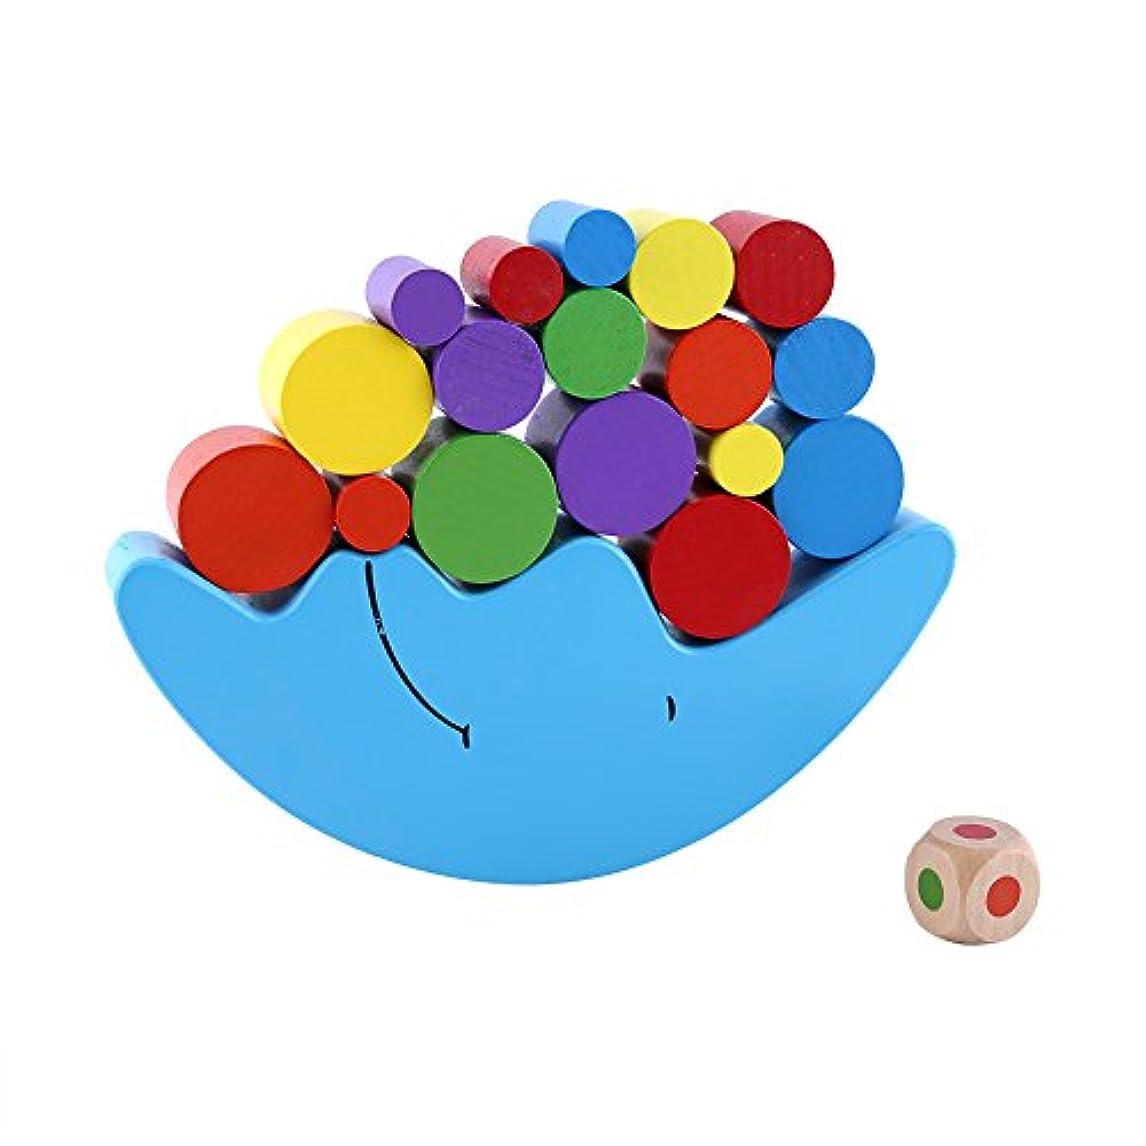 判読できない以内にパンサー木製の月平衡ゲームカラフルなバランスブロックおもちゃスタッキングブロックバランスゲームグッズ親子ビルディングブロック幼児向けのおもちゃ子供のハンズオン能力の向上(ブルー)